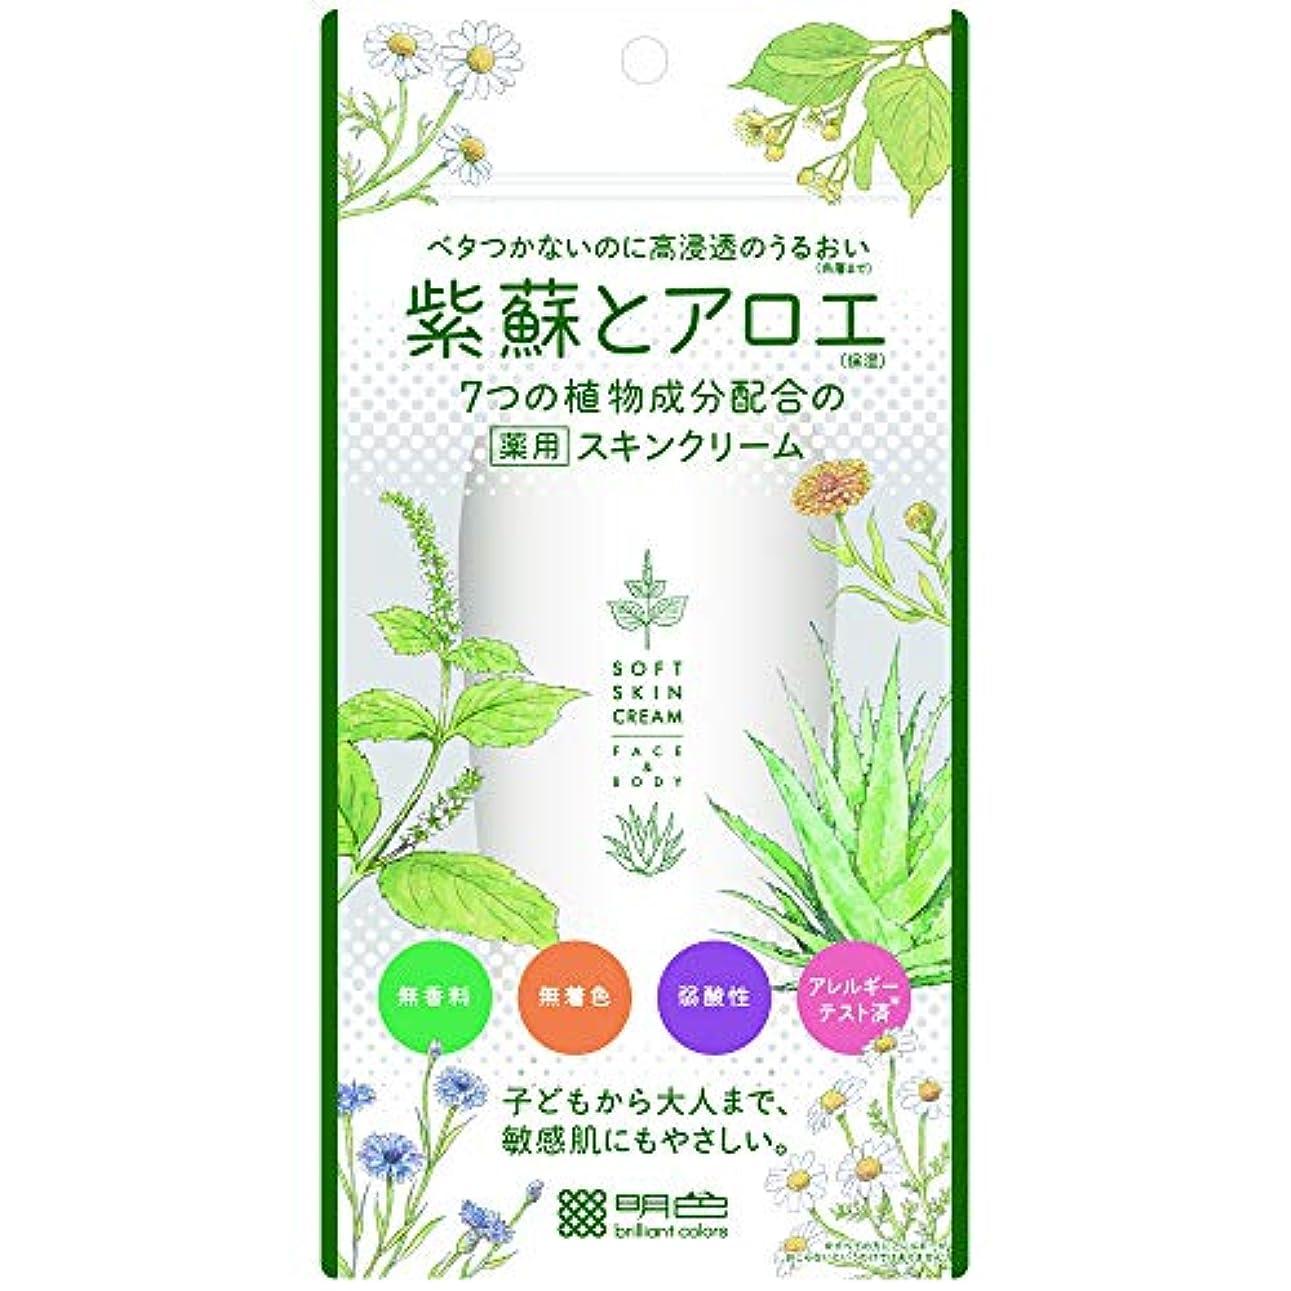 明色化粧品 紫蘇とアロエ 薬用スキンクリーム 190g